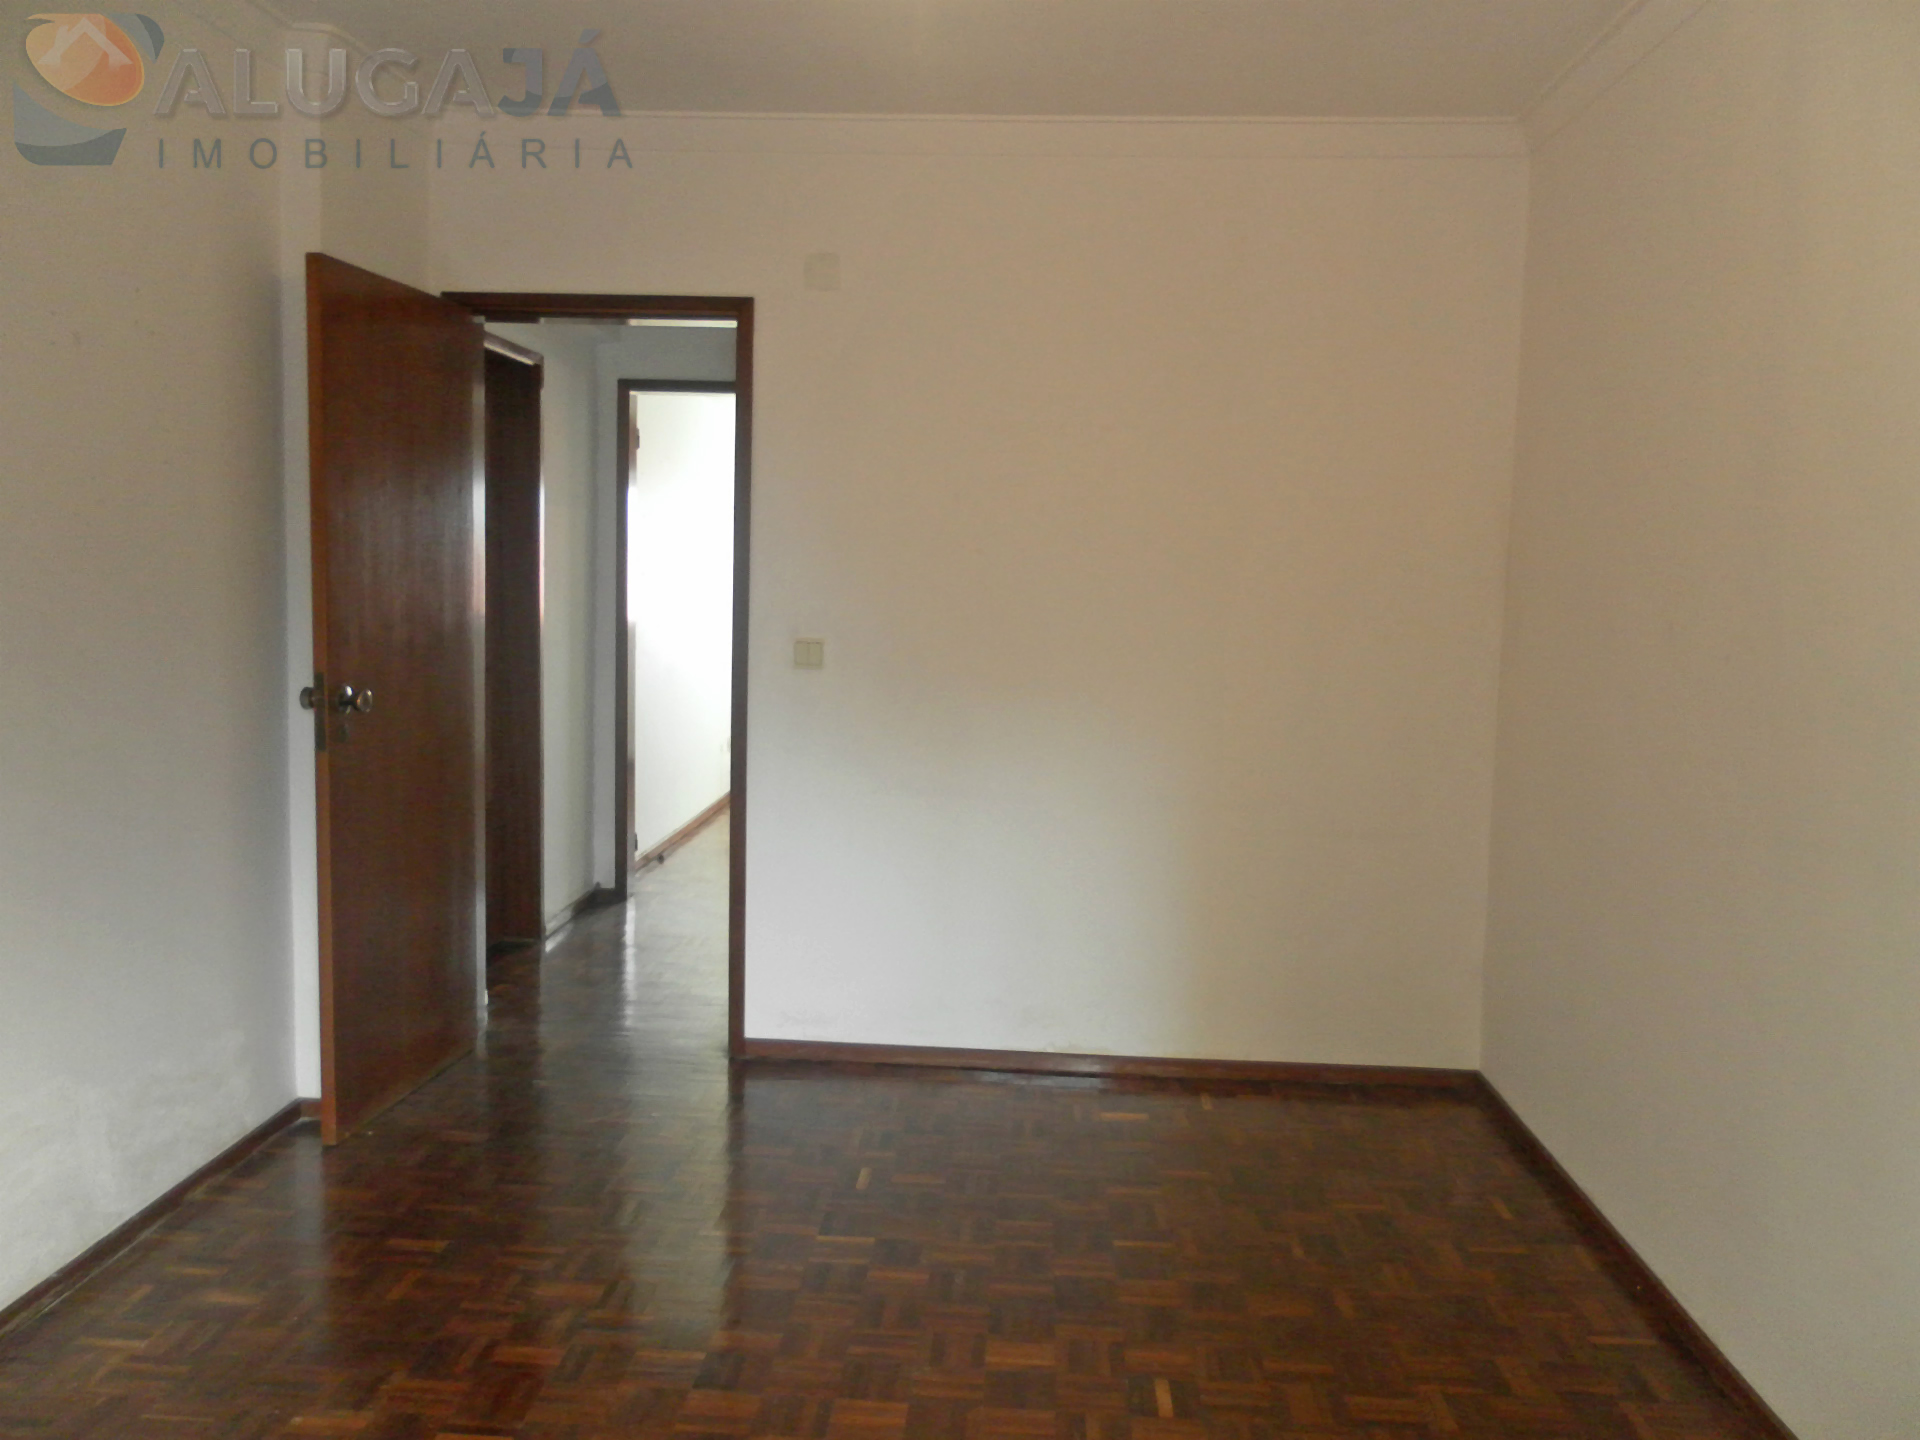 Apartamento T2 no Cacém com terraço de 40m².